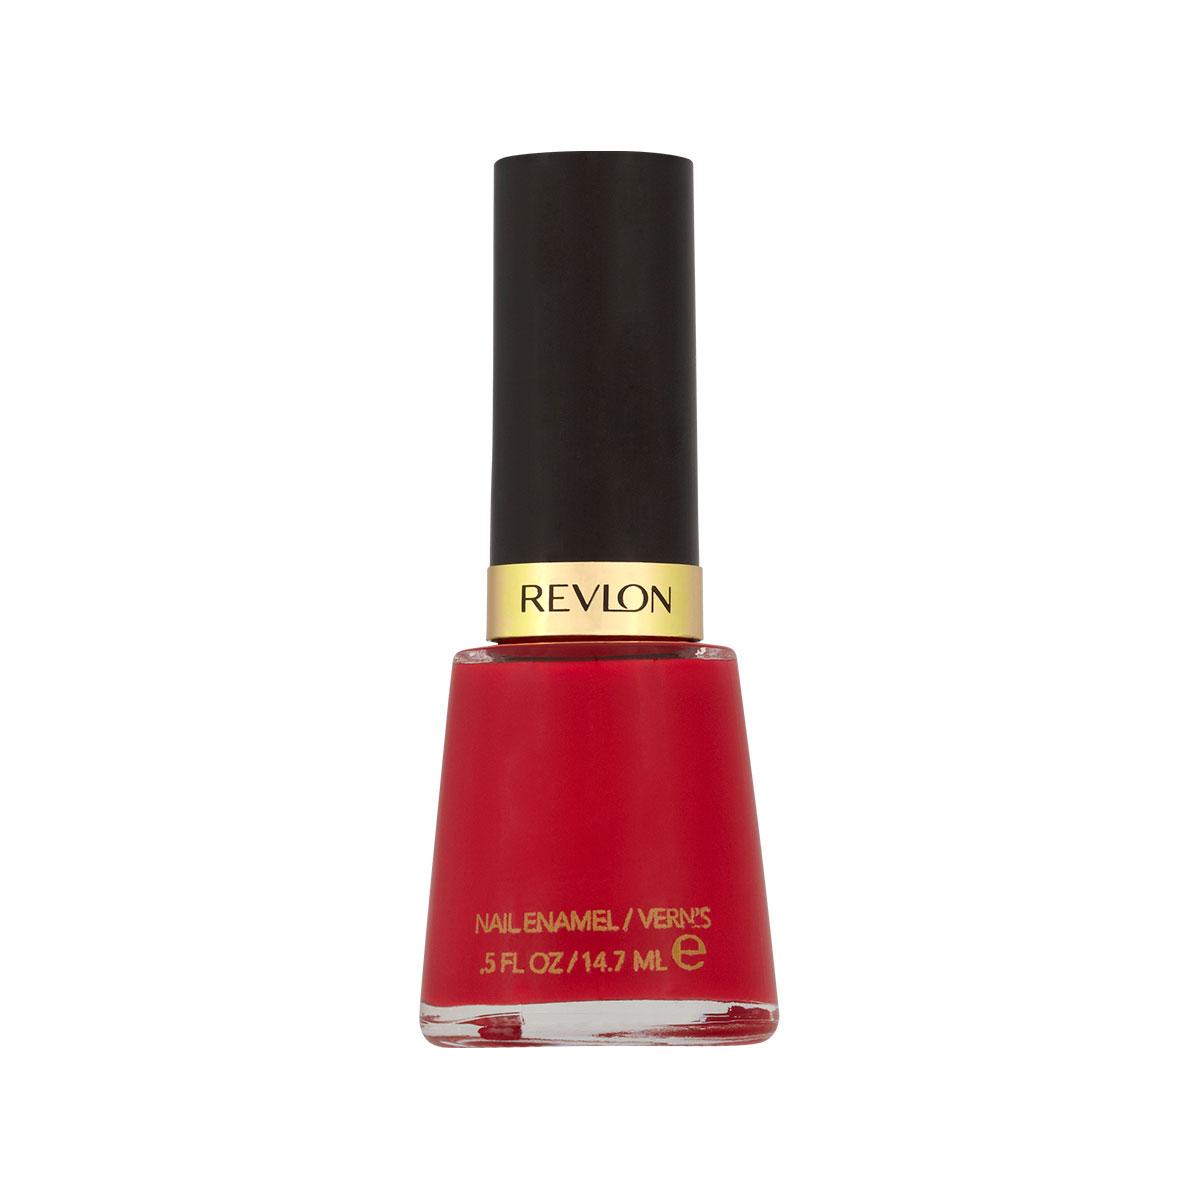 Revlon Лак для Ногтей Core Nail Enamel Revlon red 680, 14,7 мл7213167077Лак для ногтей Revlon предлагается в широком выборе модных, стойких цветов. Лак обеспечивает гладкое и блестящее покрытие. Обладает средней плотности покрытием. Без дибутилфталата, толуола и формальдегида. Запатентованная формула с содержанием шелка и силикона обеспечивает слой шелковых протеинов и защитный силиконовый слой, что моментально выравнивает поверхность ногтя. Не оставляет пузырьков, бороздок или следов от кисточки. В составе формулы лака содержатся шелковый экстракт и летучий силикон (увеличивает стойкость лака к агрессивному воздействию внешних факторов). Не содержит формальдегидов.